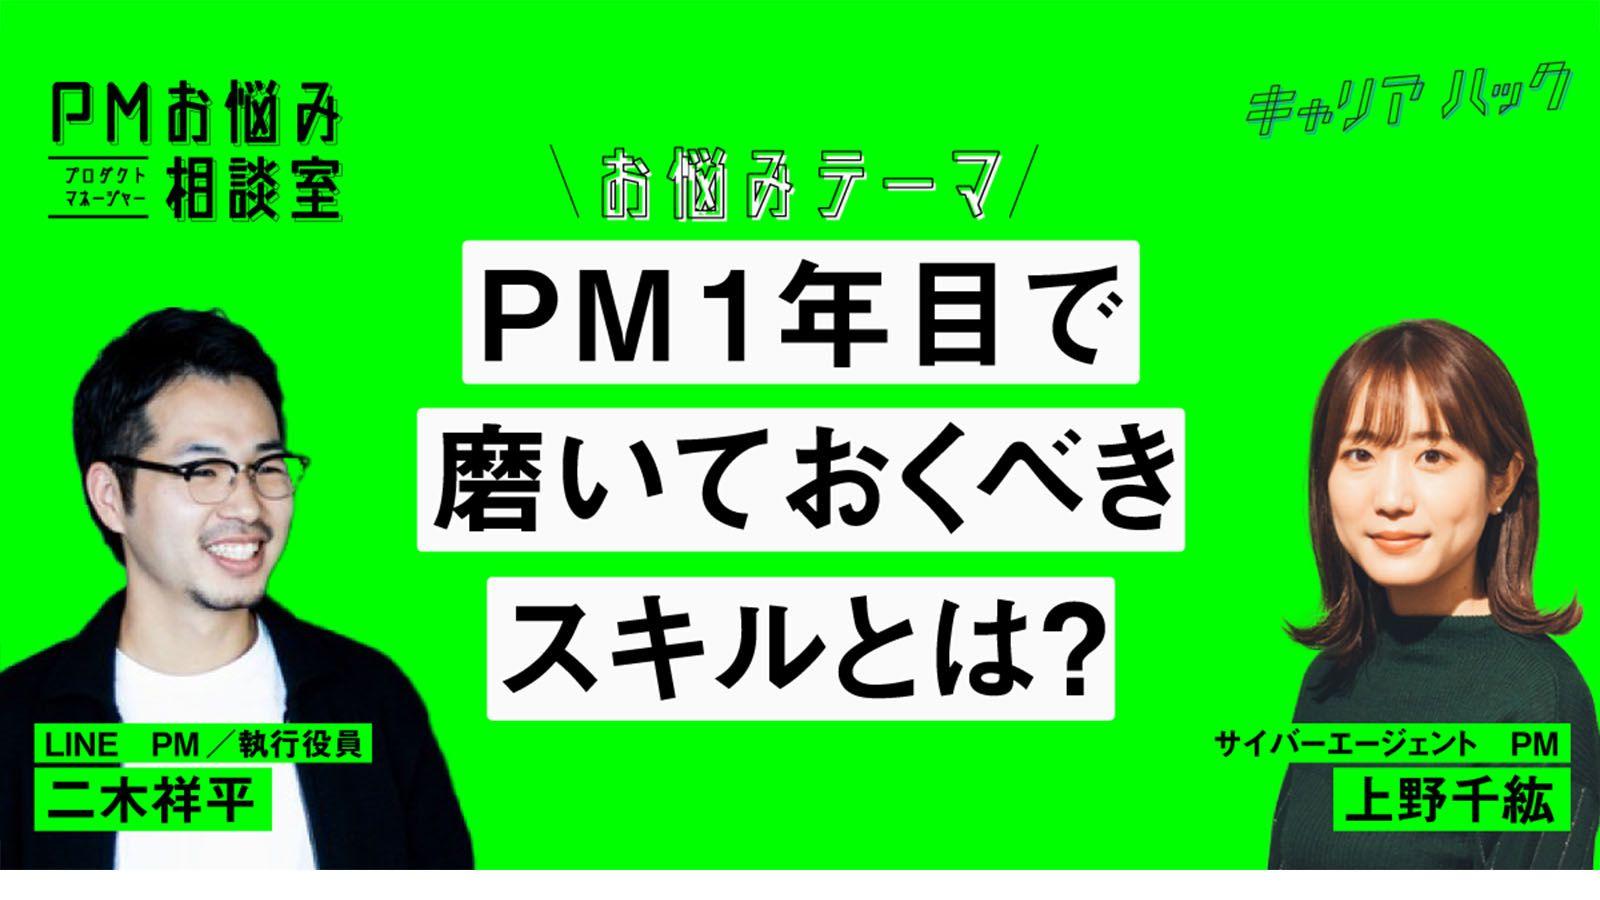 ポータブルスキルを手に入れろ。LINE、サイバーエージェントのPMが語る「ソフトスキル」の重要性